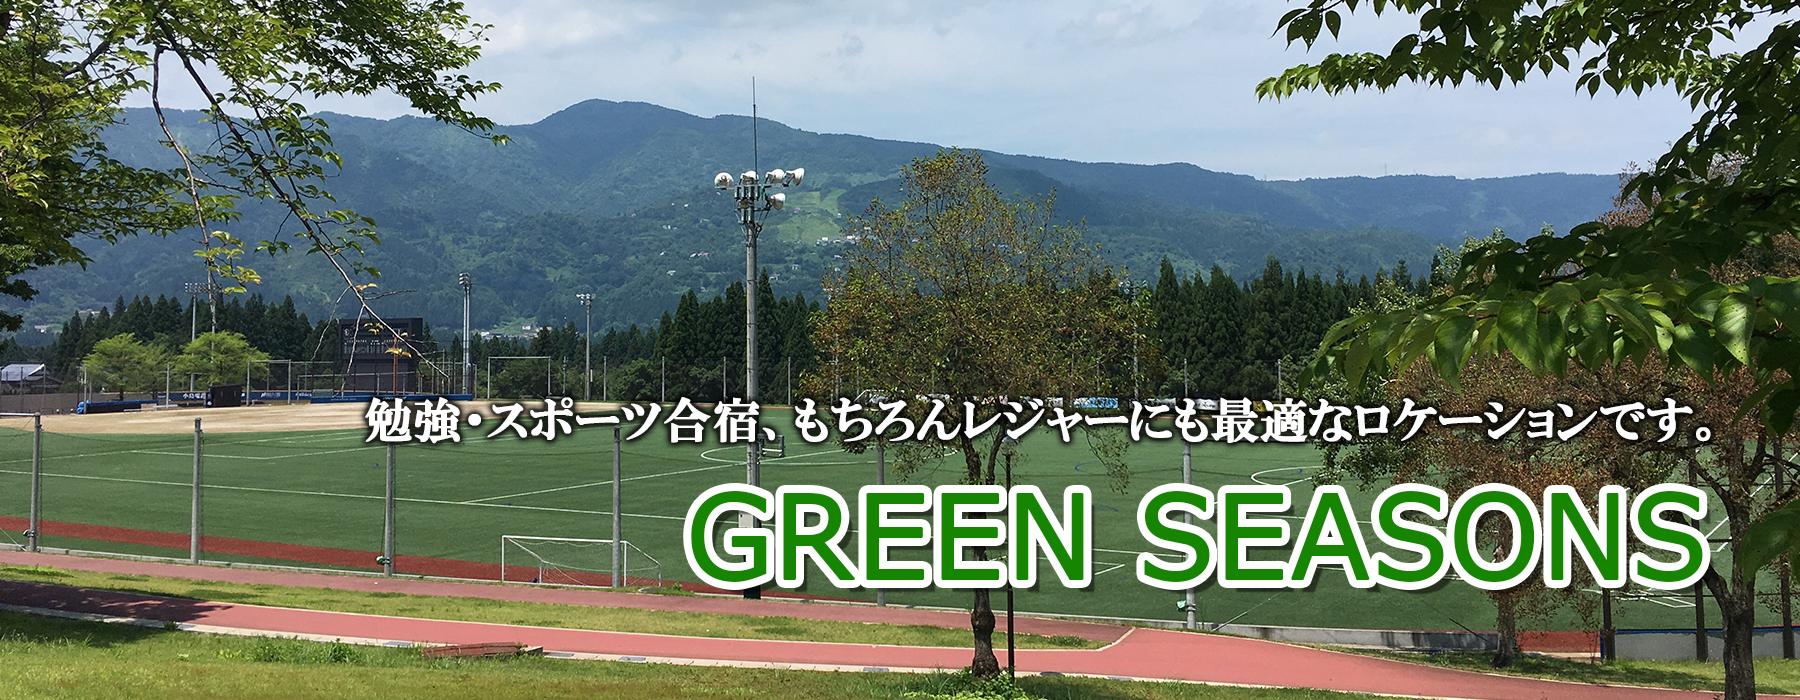 グリーンシーズンの合宿に最適な環境です。